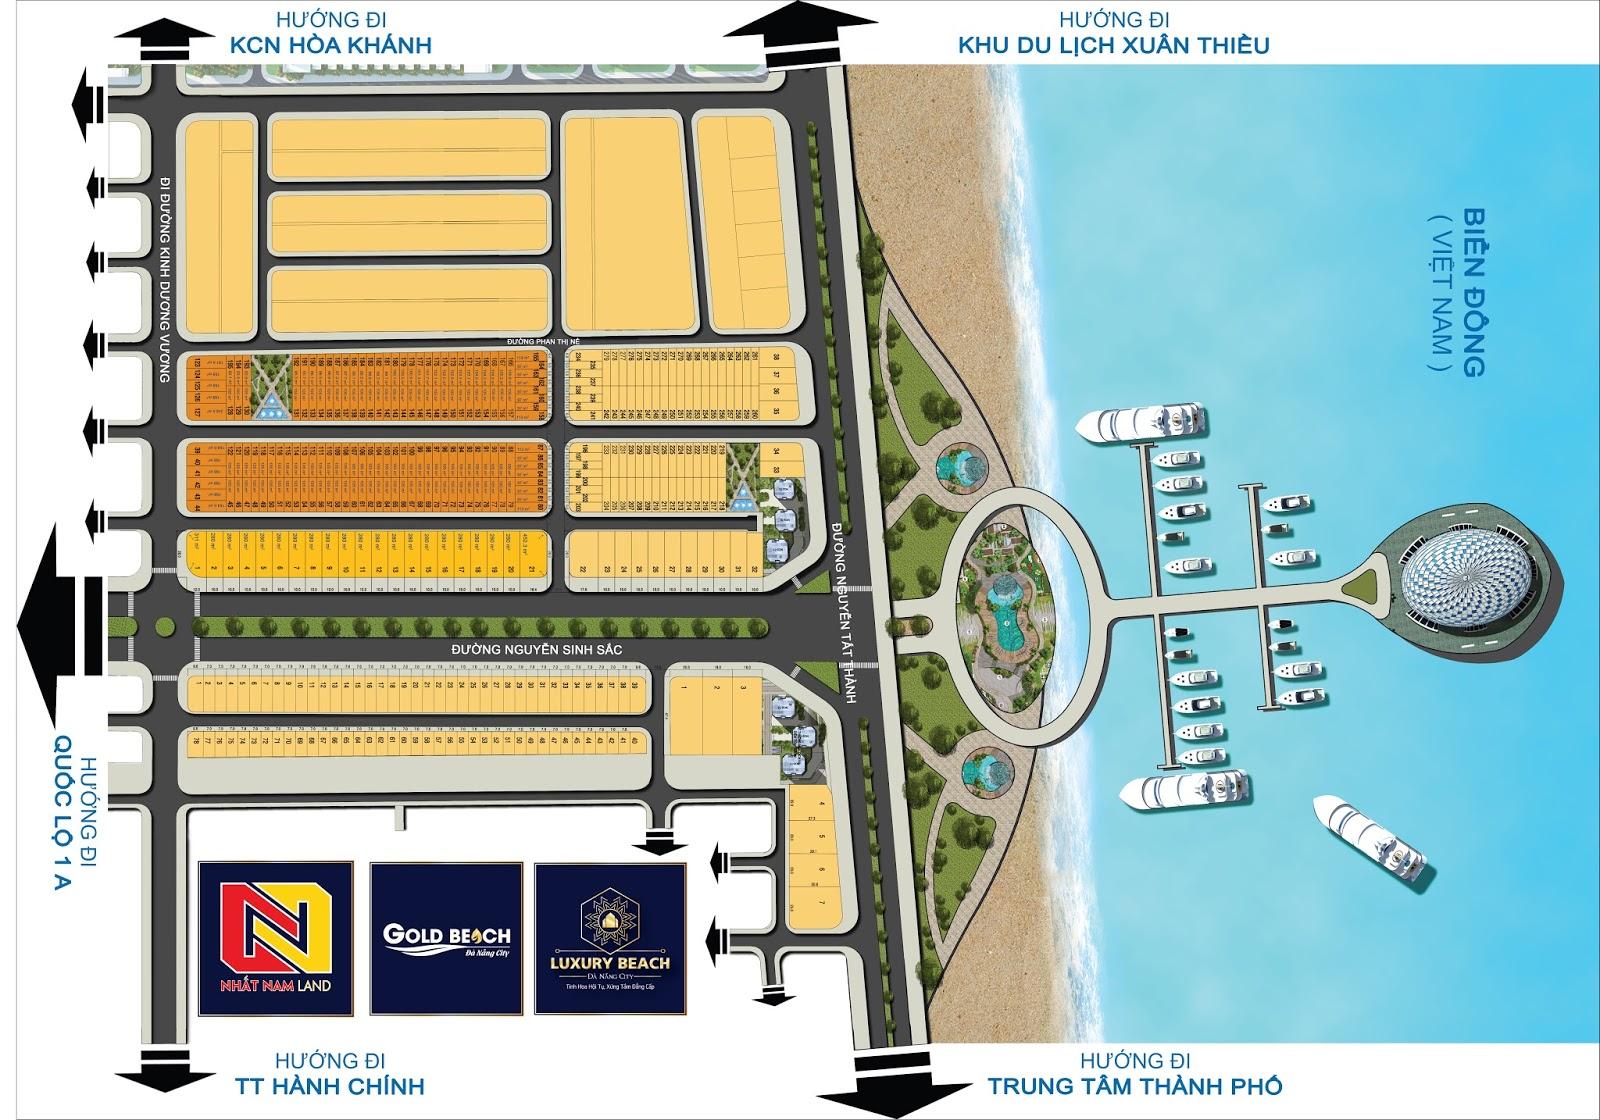 Sơ đồ phân lô khu đô thị Luxury Beach